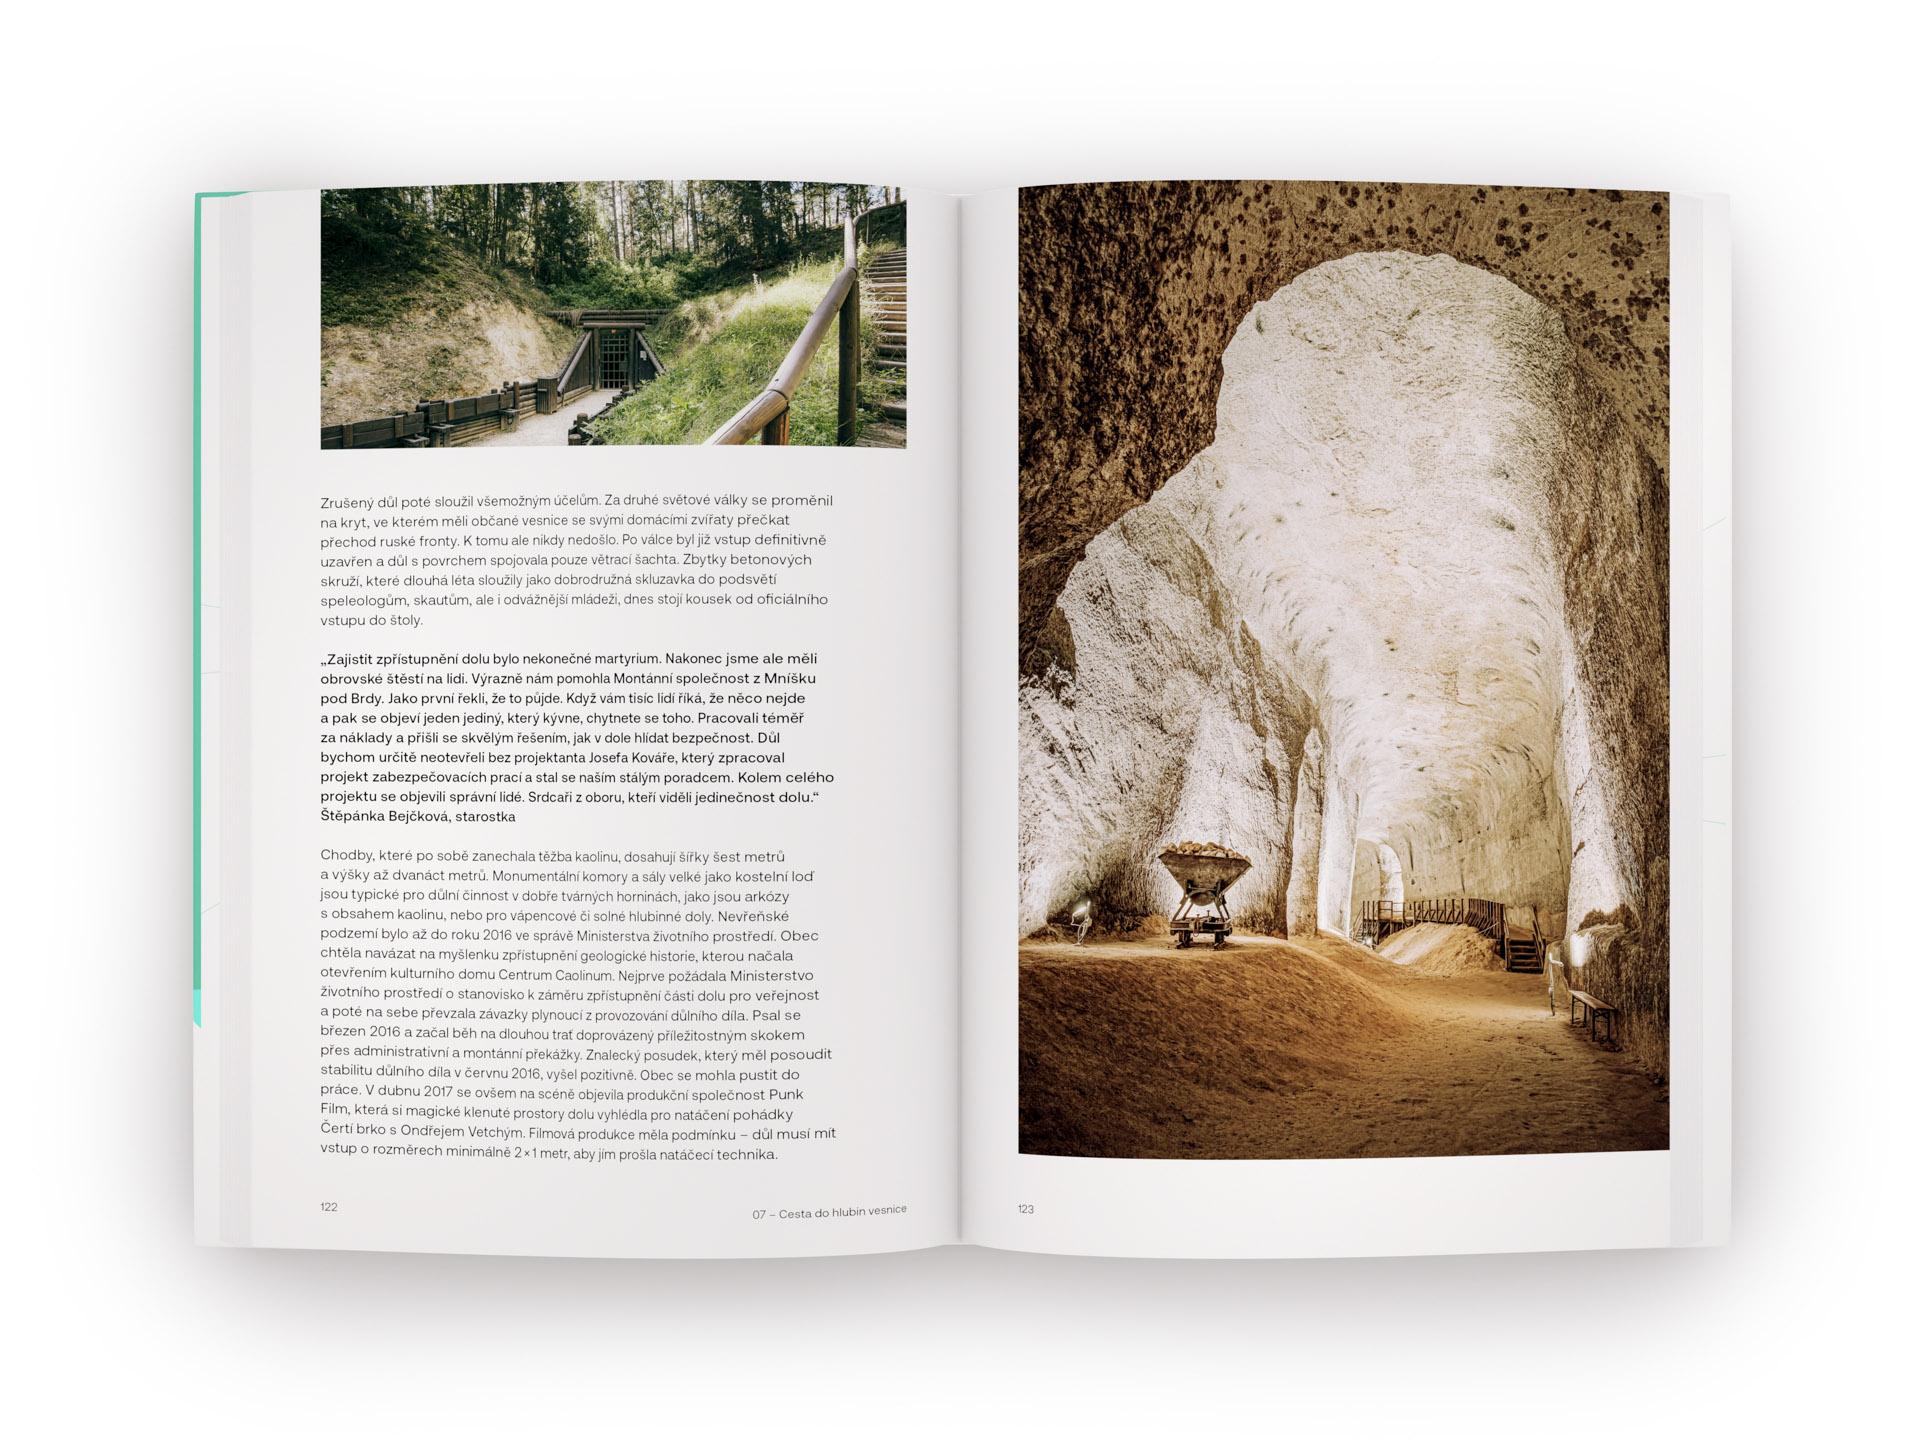 Možnosti vesnice – kapitola 07, Cesta do hlubin vesnice – kaolinový důl v Nevřeni